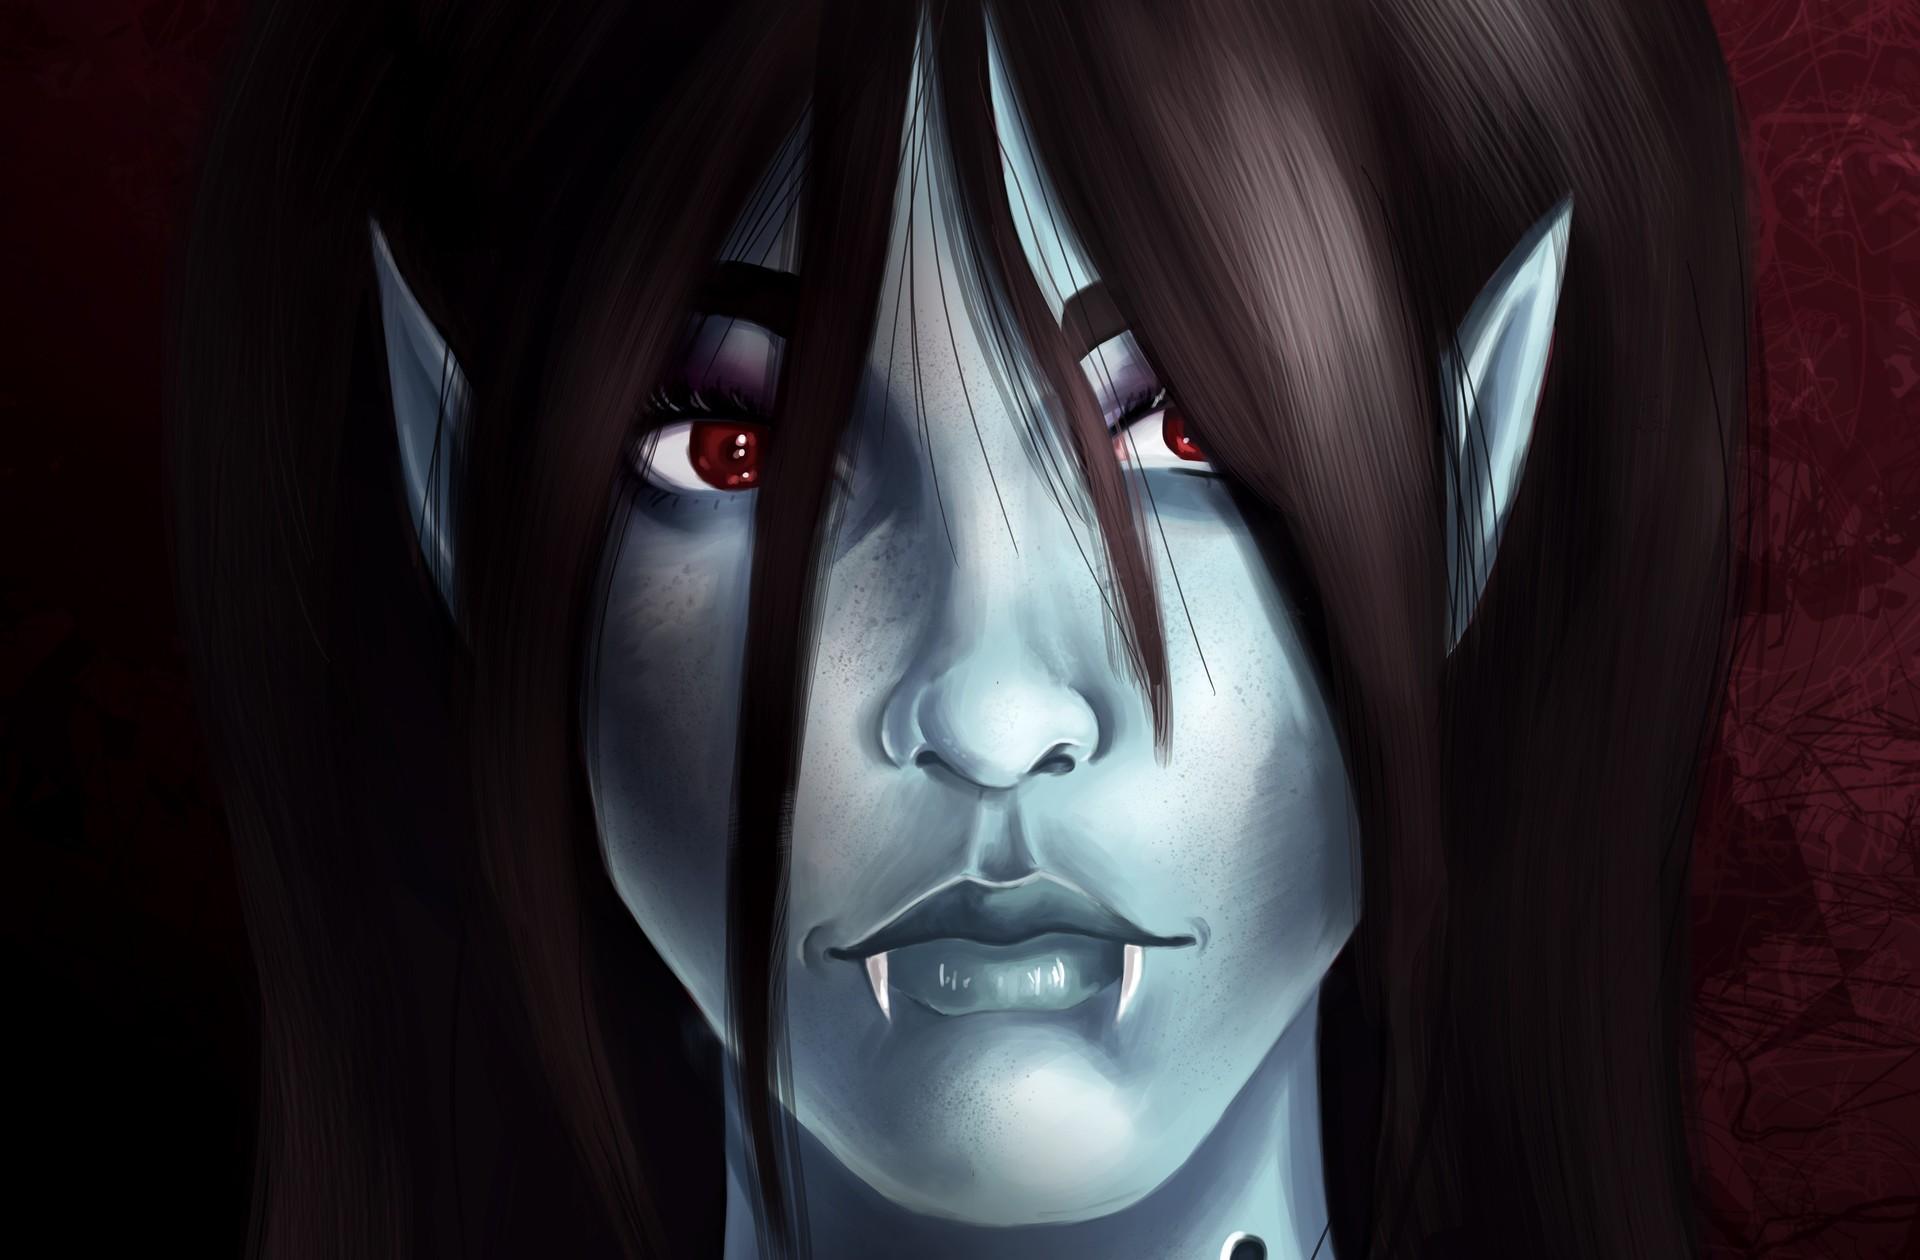 Irene arnaiz marceline face